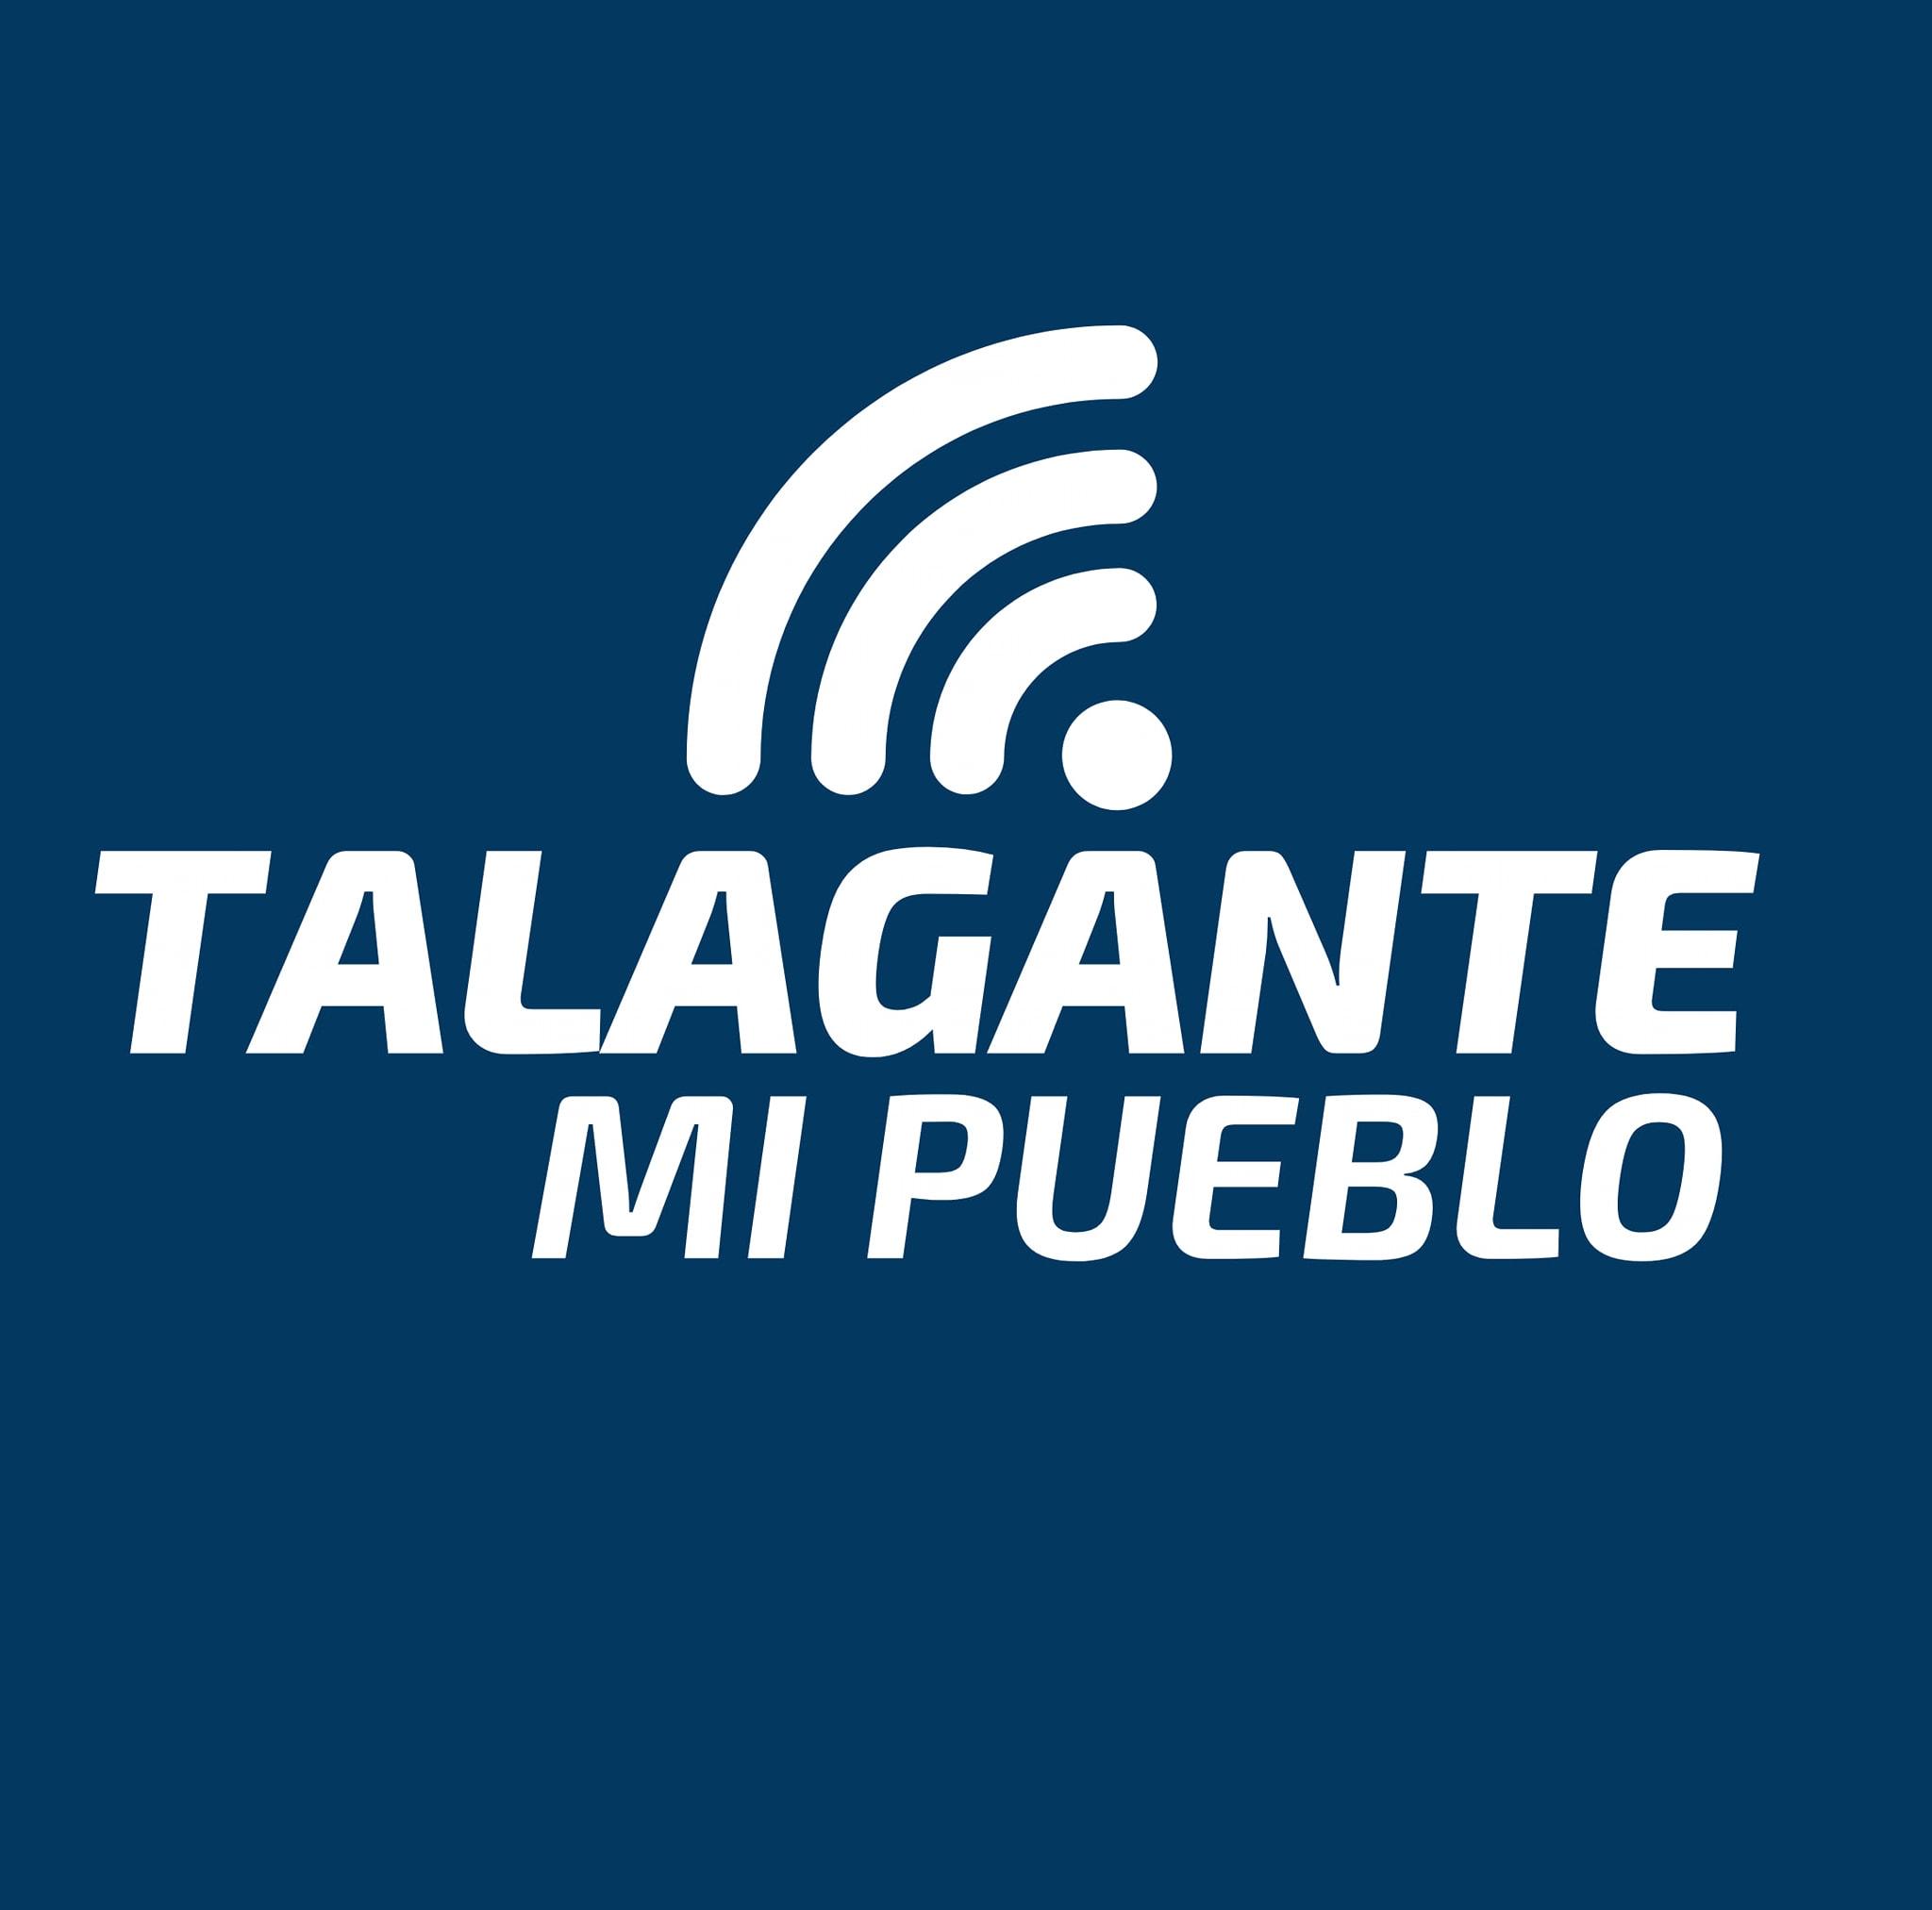 Talagante Mi Pueblo